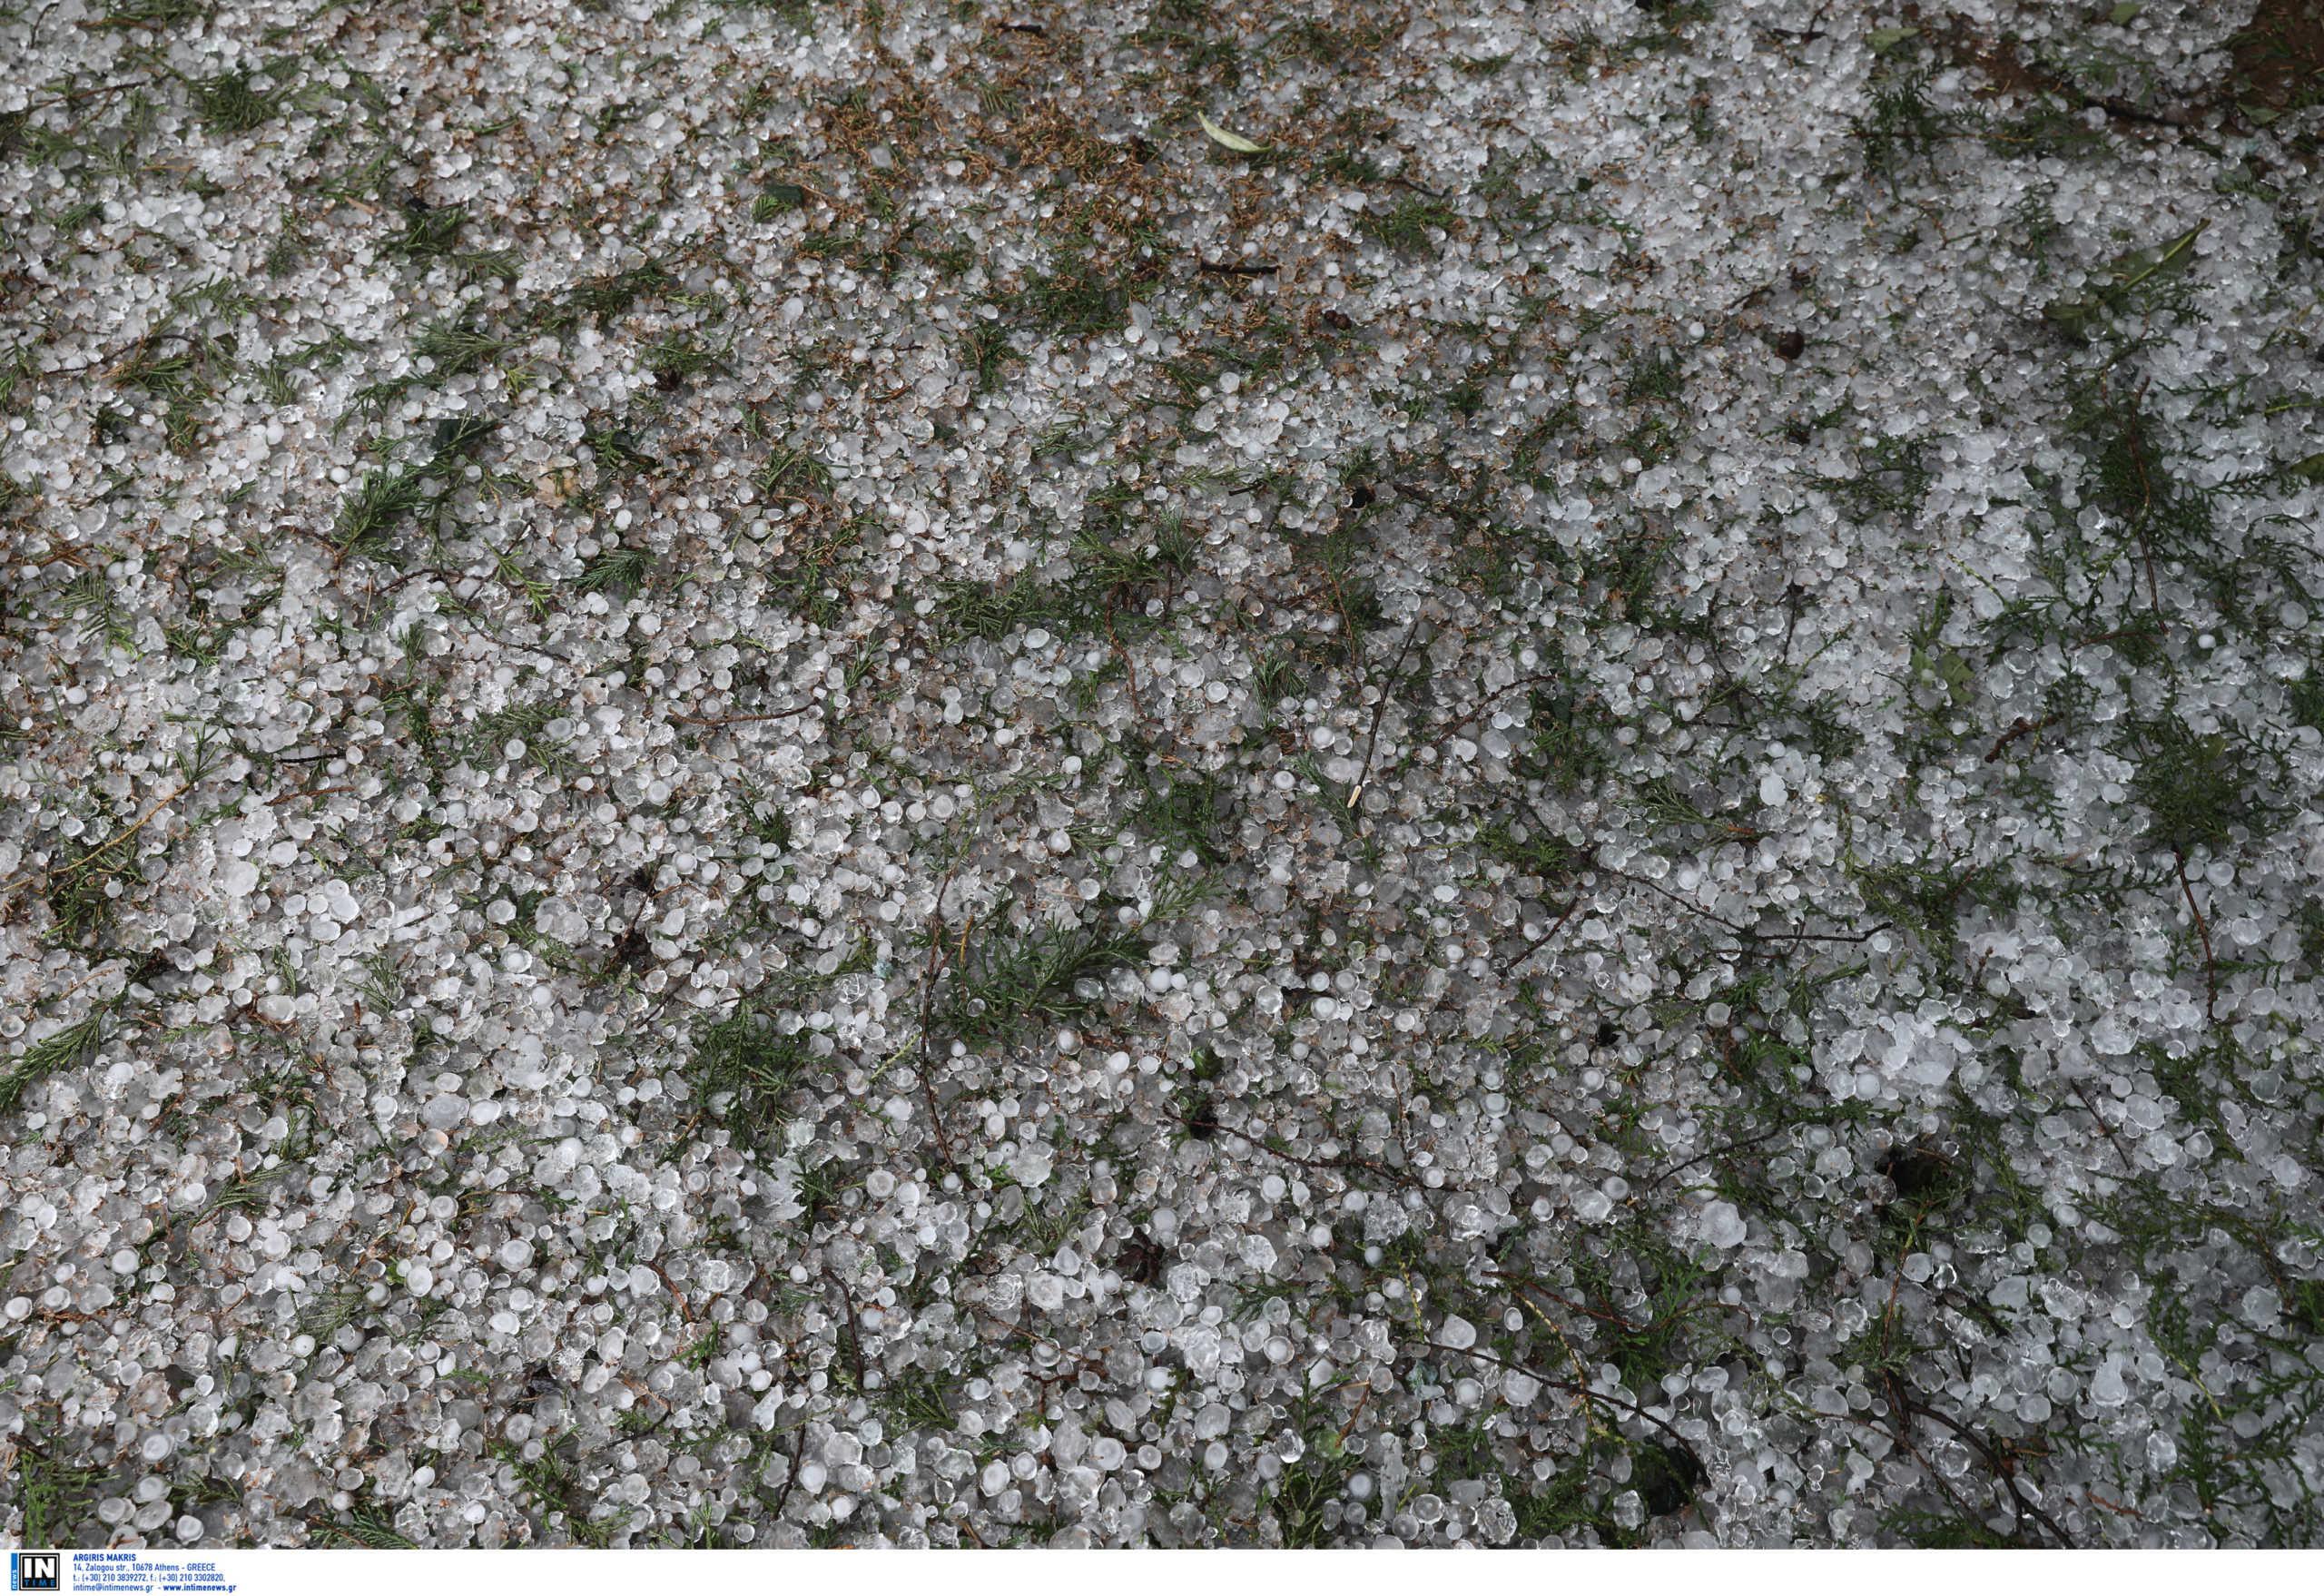 Καιρός – Τρίκαλα: Έπεσε χαλάζι σε μέγεθος καρυδιού (pics, vid)